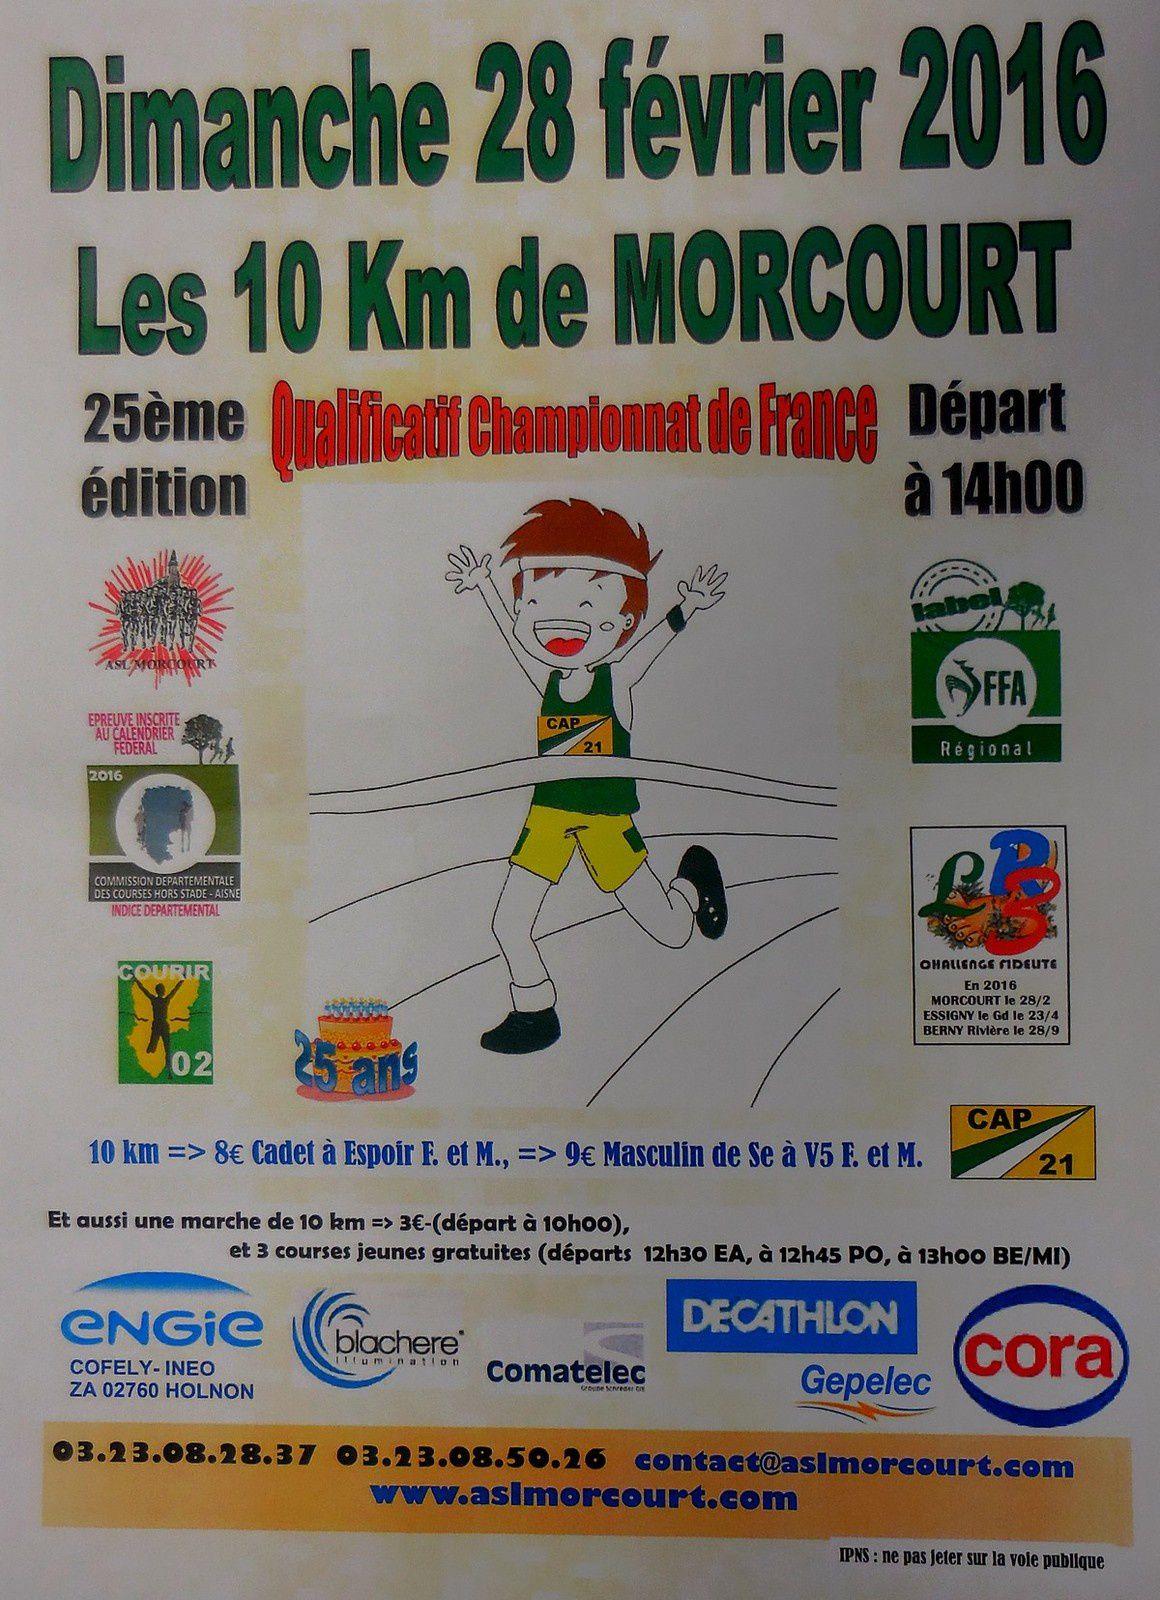 Les 10 km de Morcourt